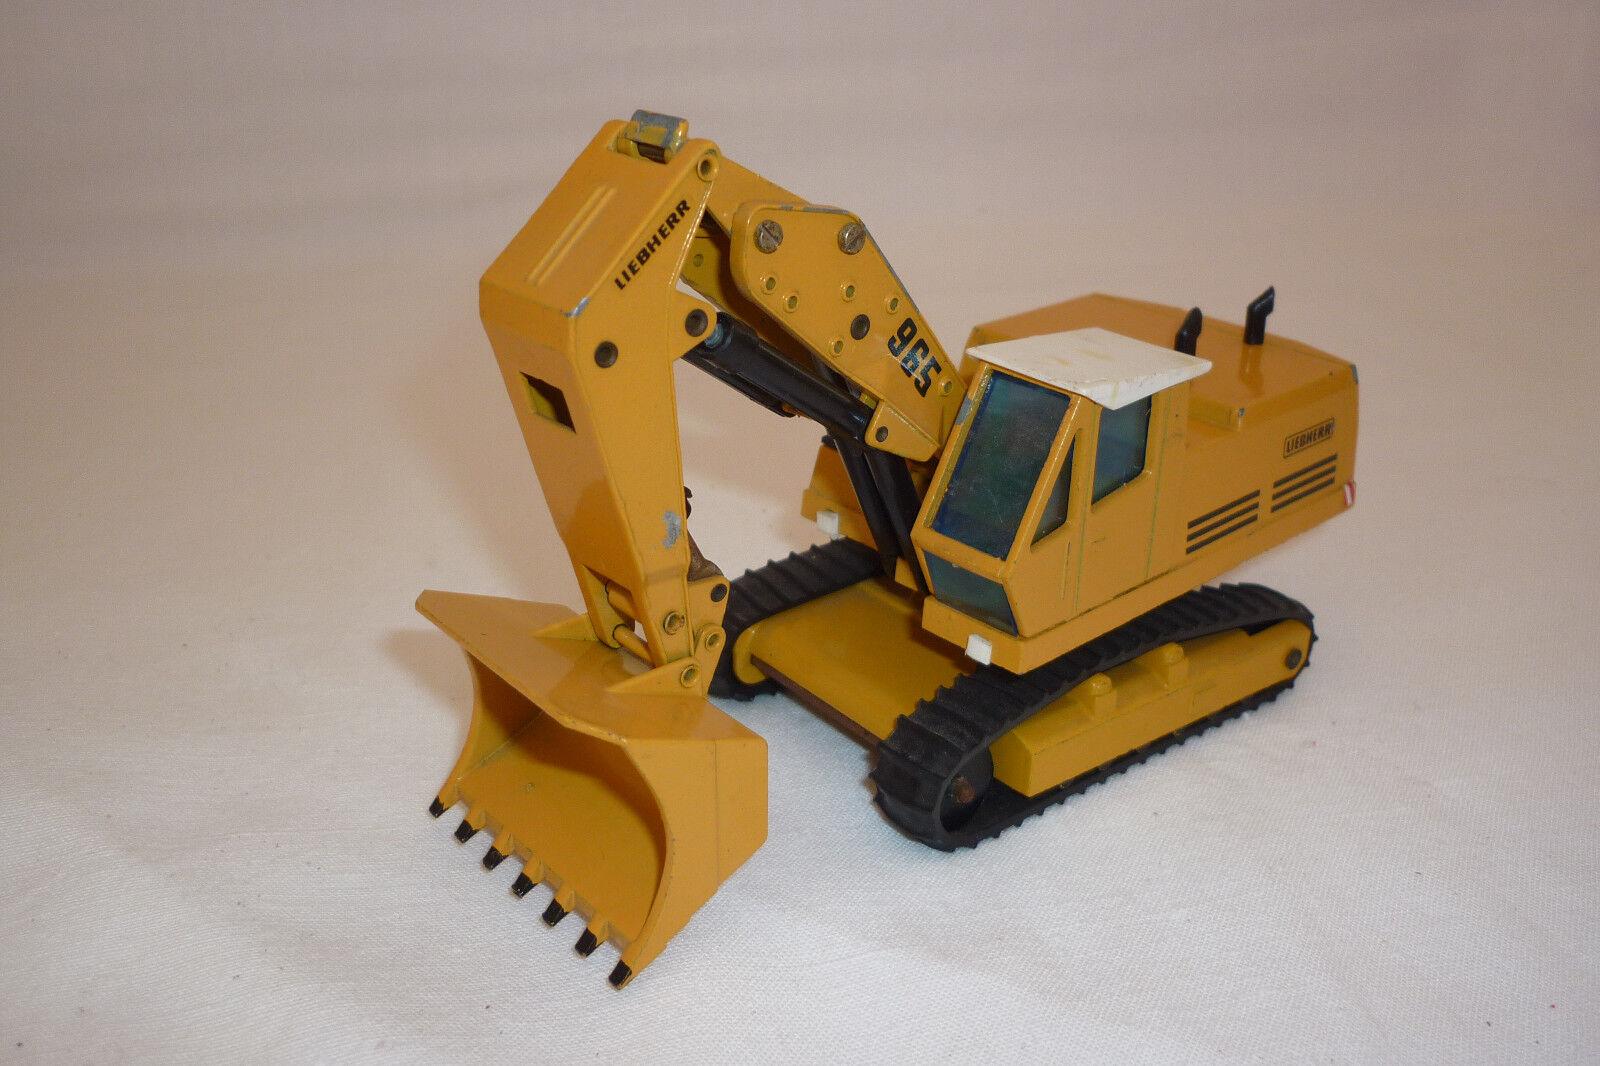 Gescha - Metal Model - Liebherr 965 - Crawler Excavator - (1.DIV-38)